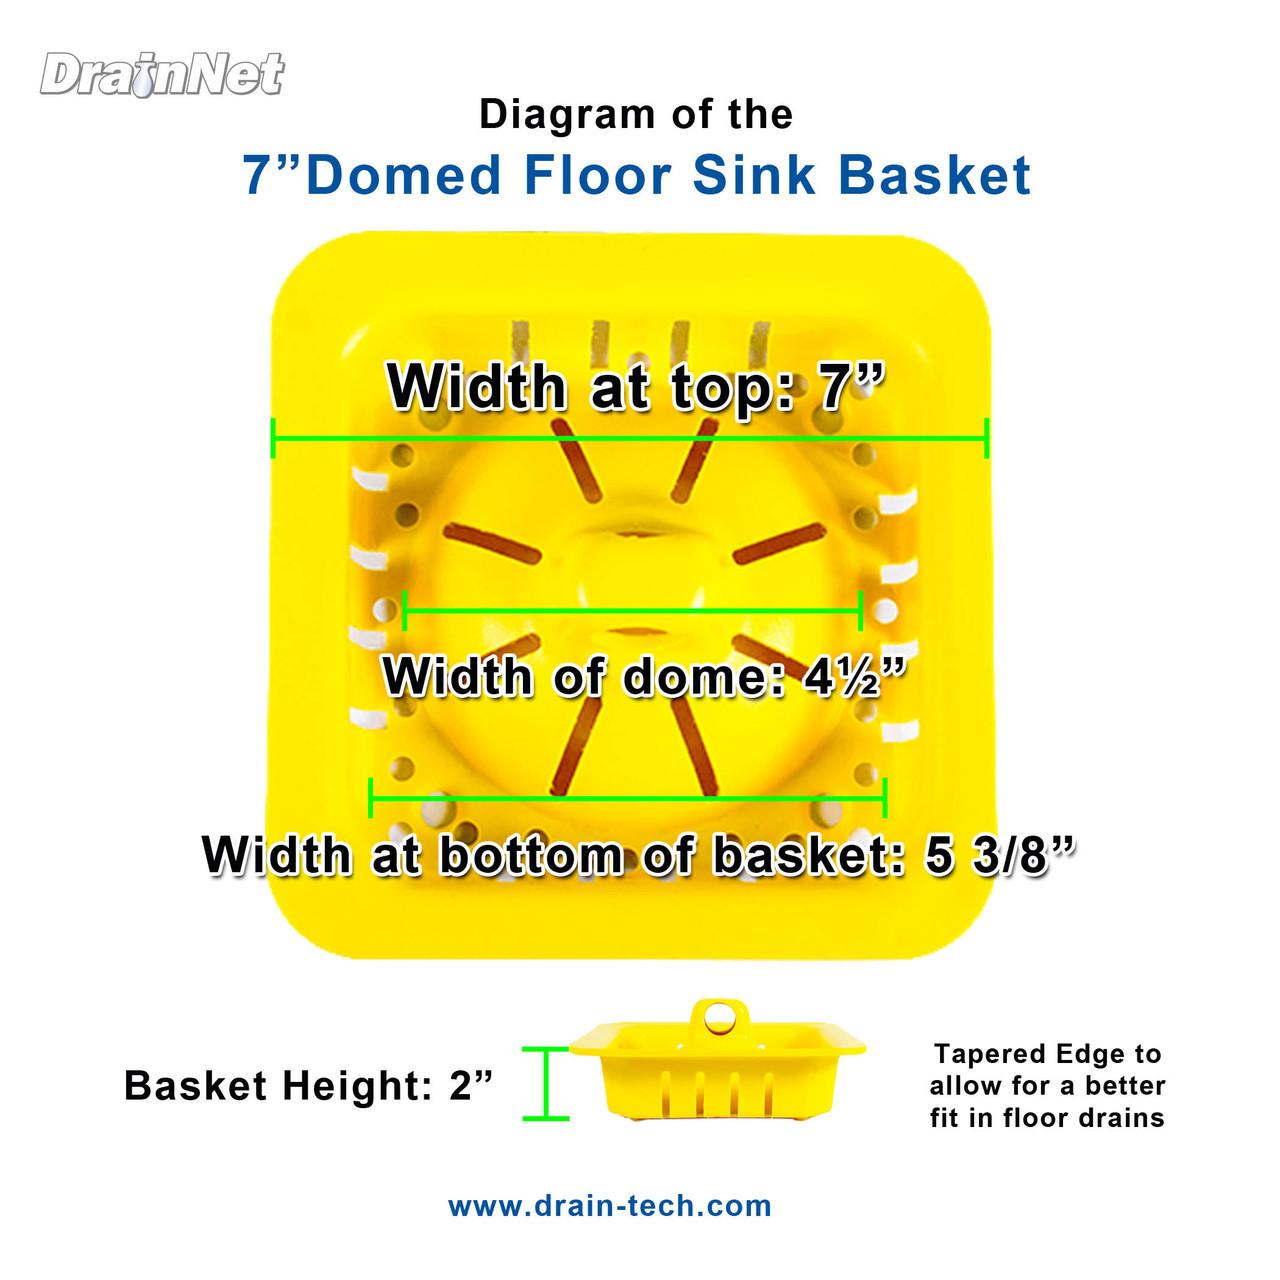 7 inch Domed Safety Basket